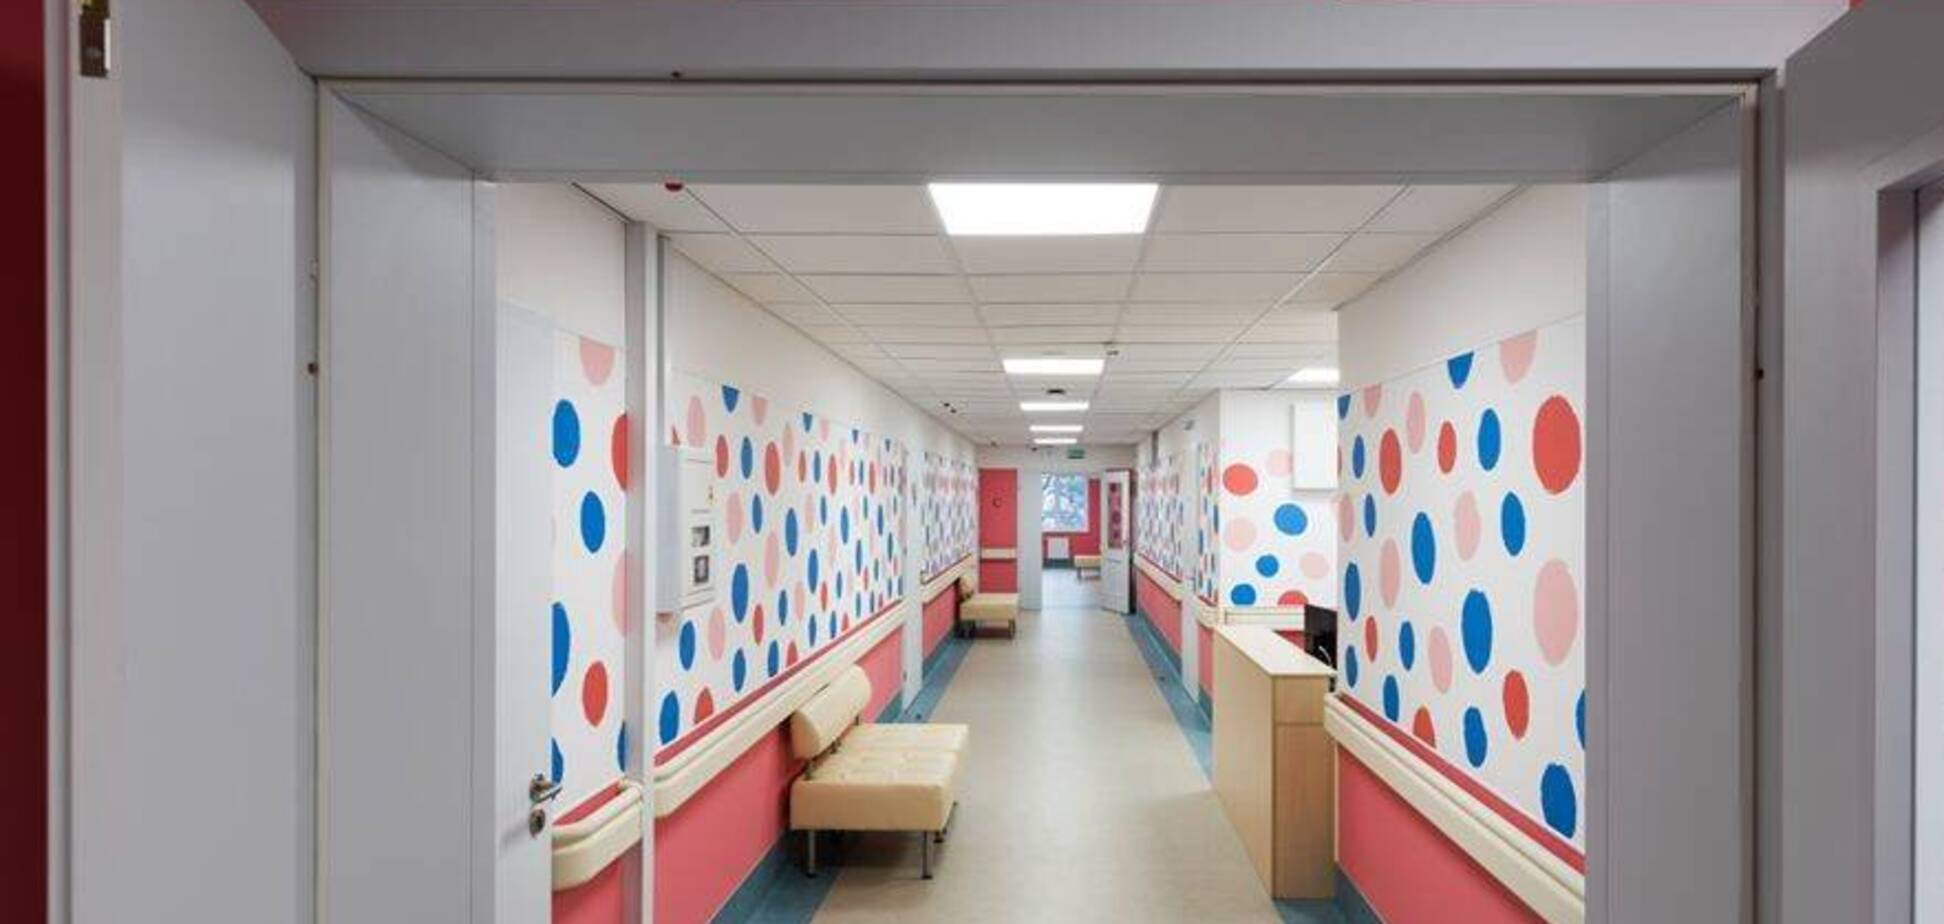 От больницы Руднева в Днепре до Охматдета в Киеве: как выглядят лучшие детские клиники